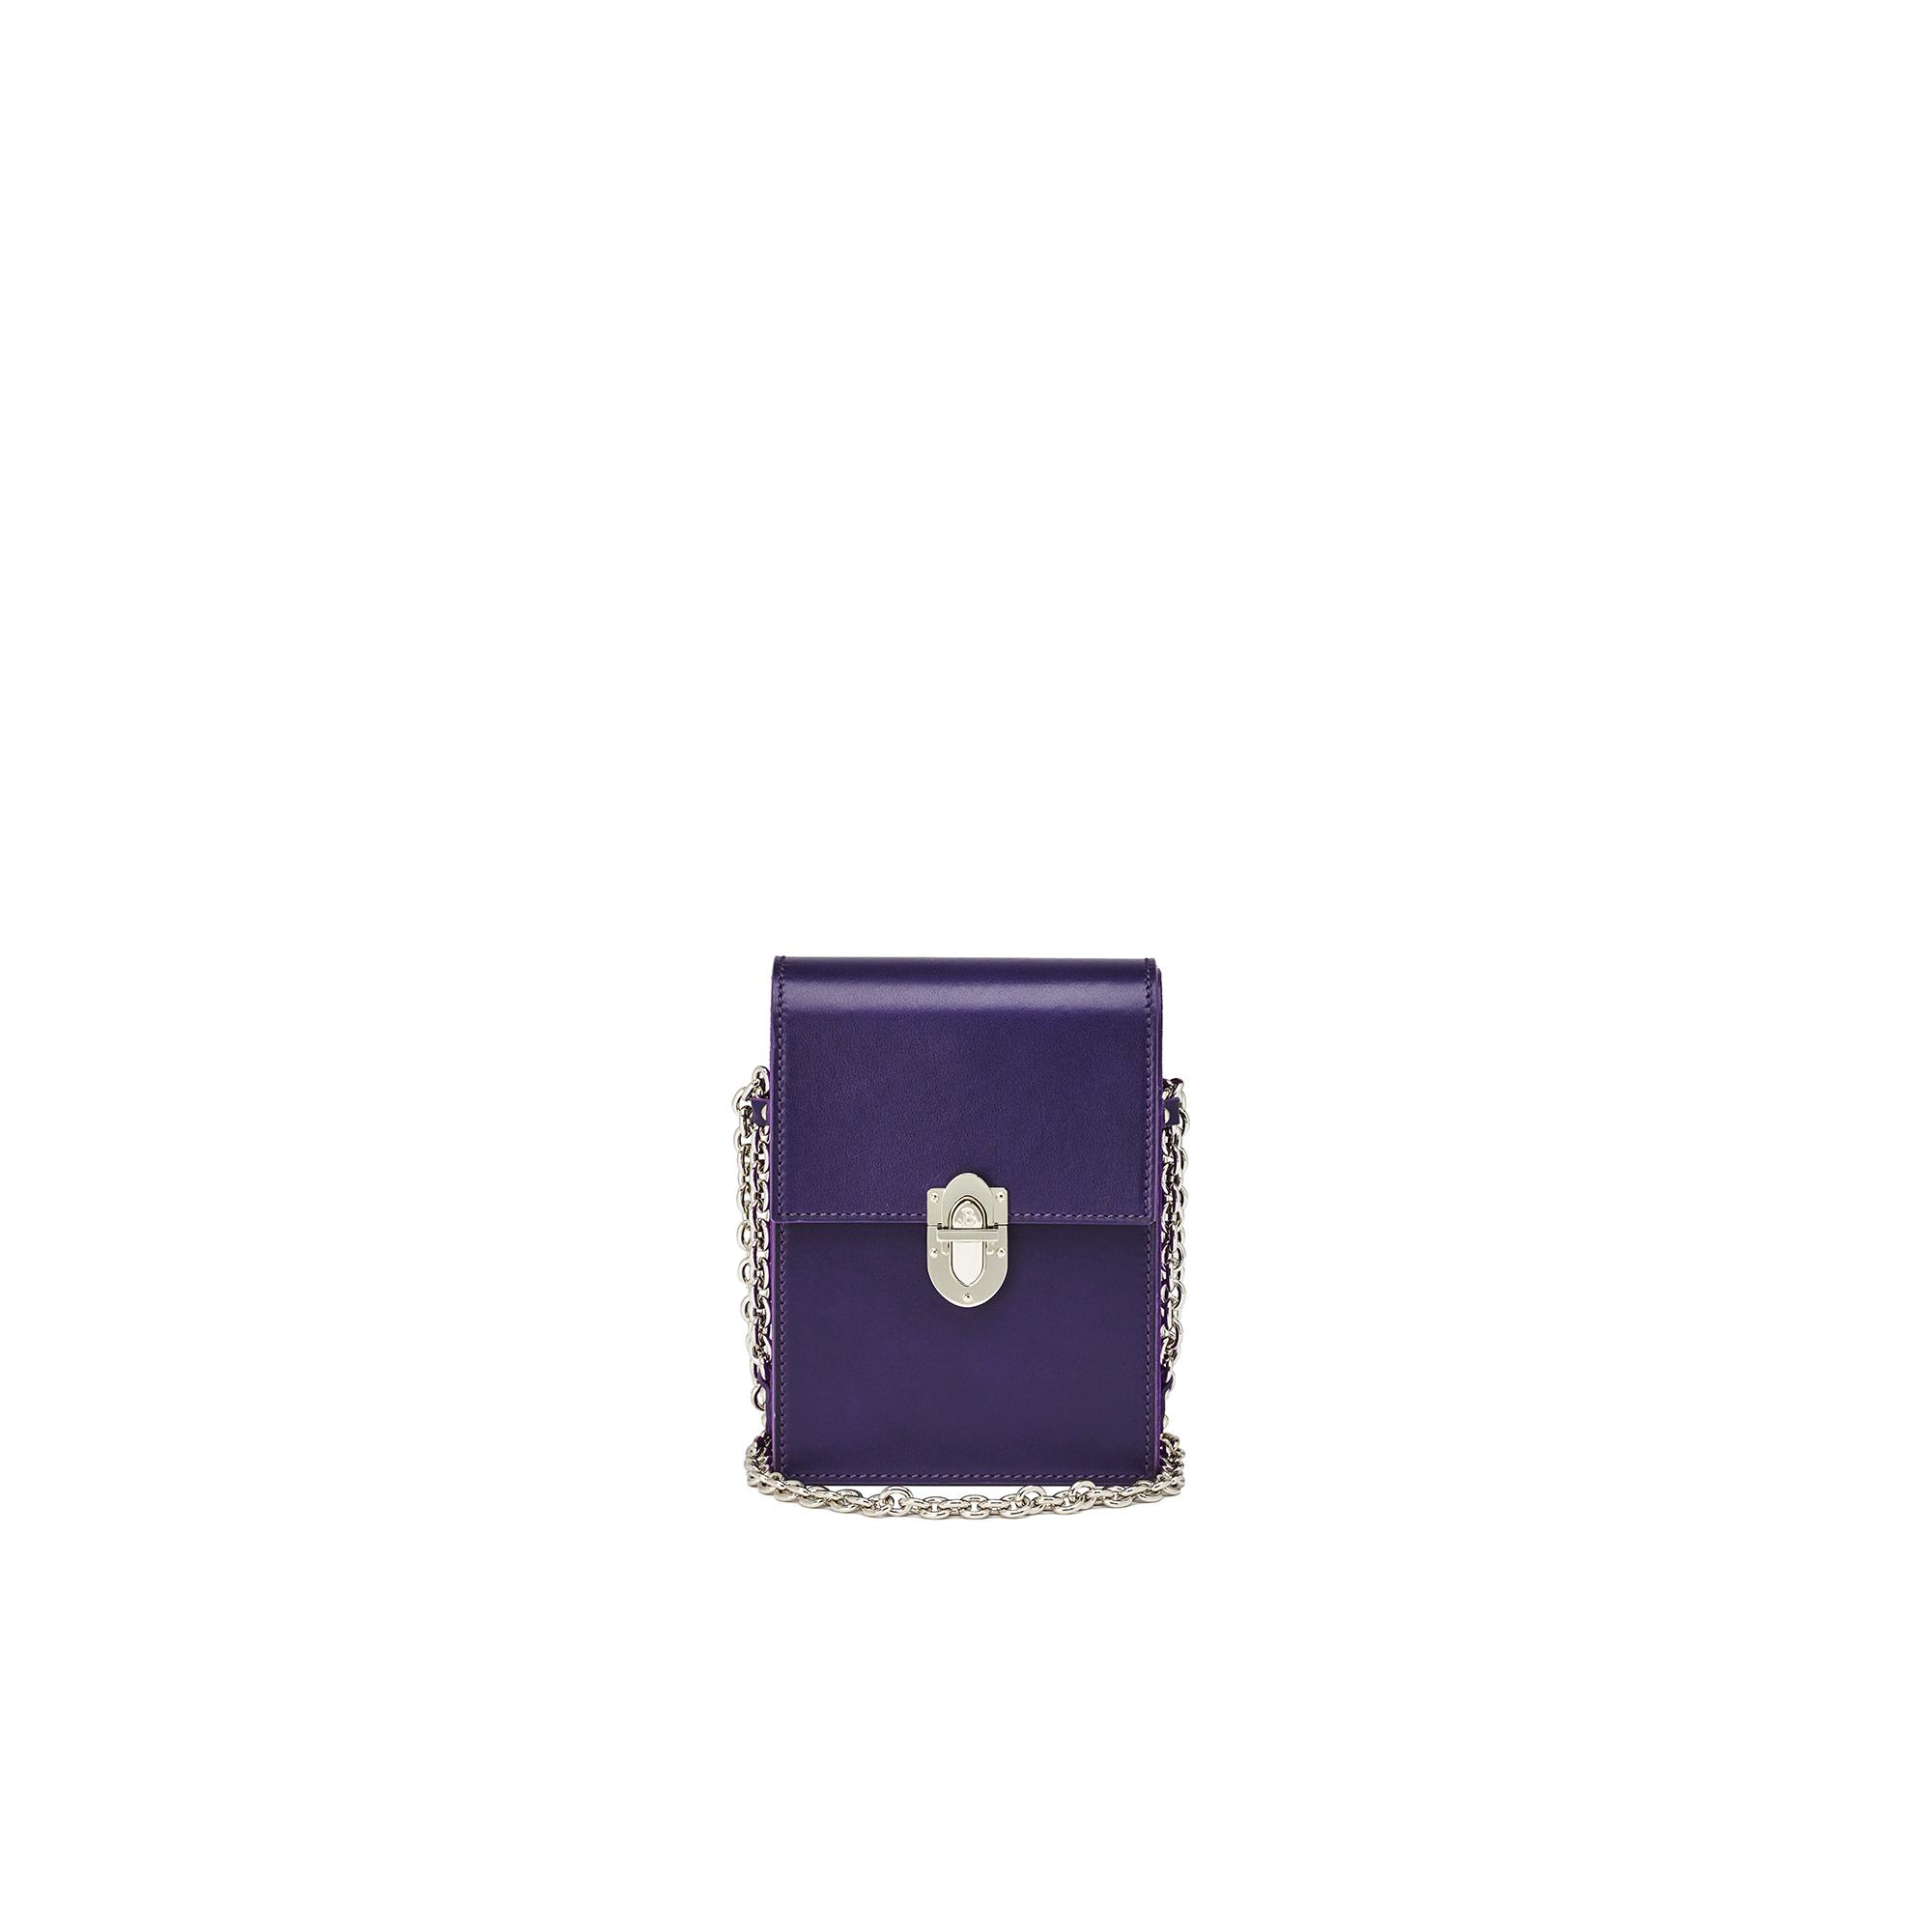 Mini-Gigi-purple-french-calf-bag-Bertoni-1949